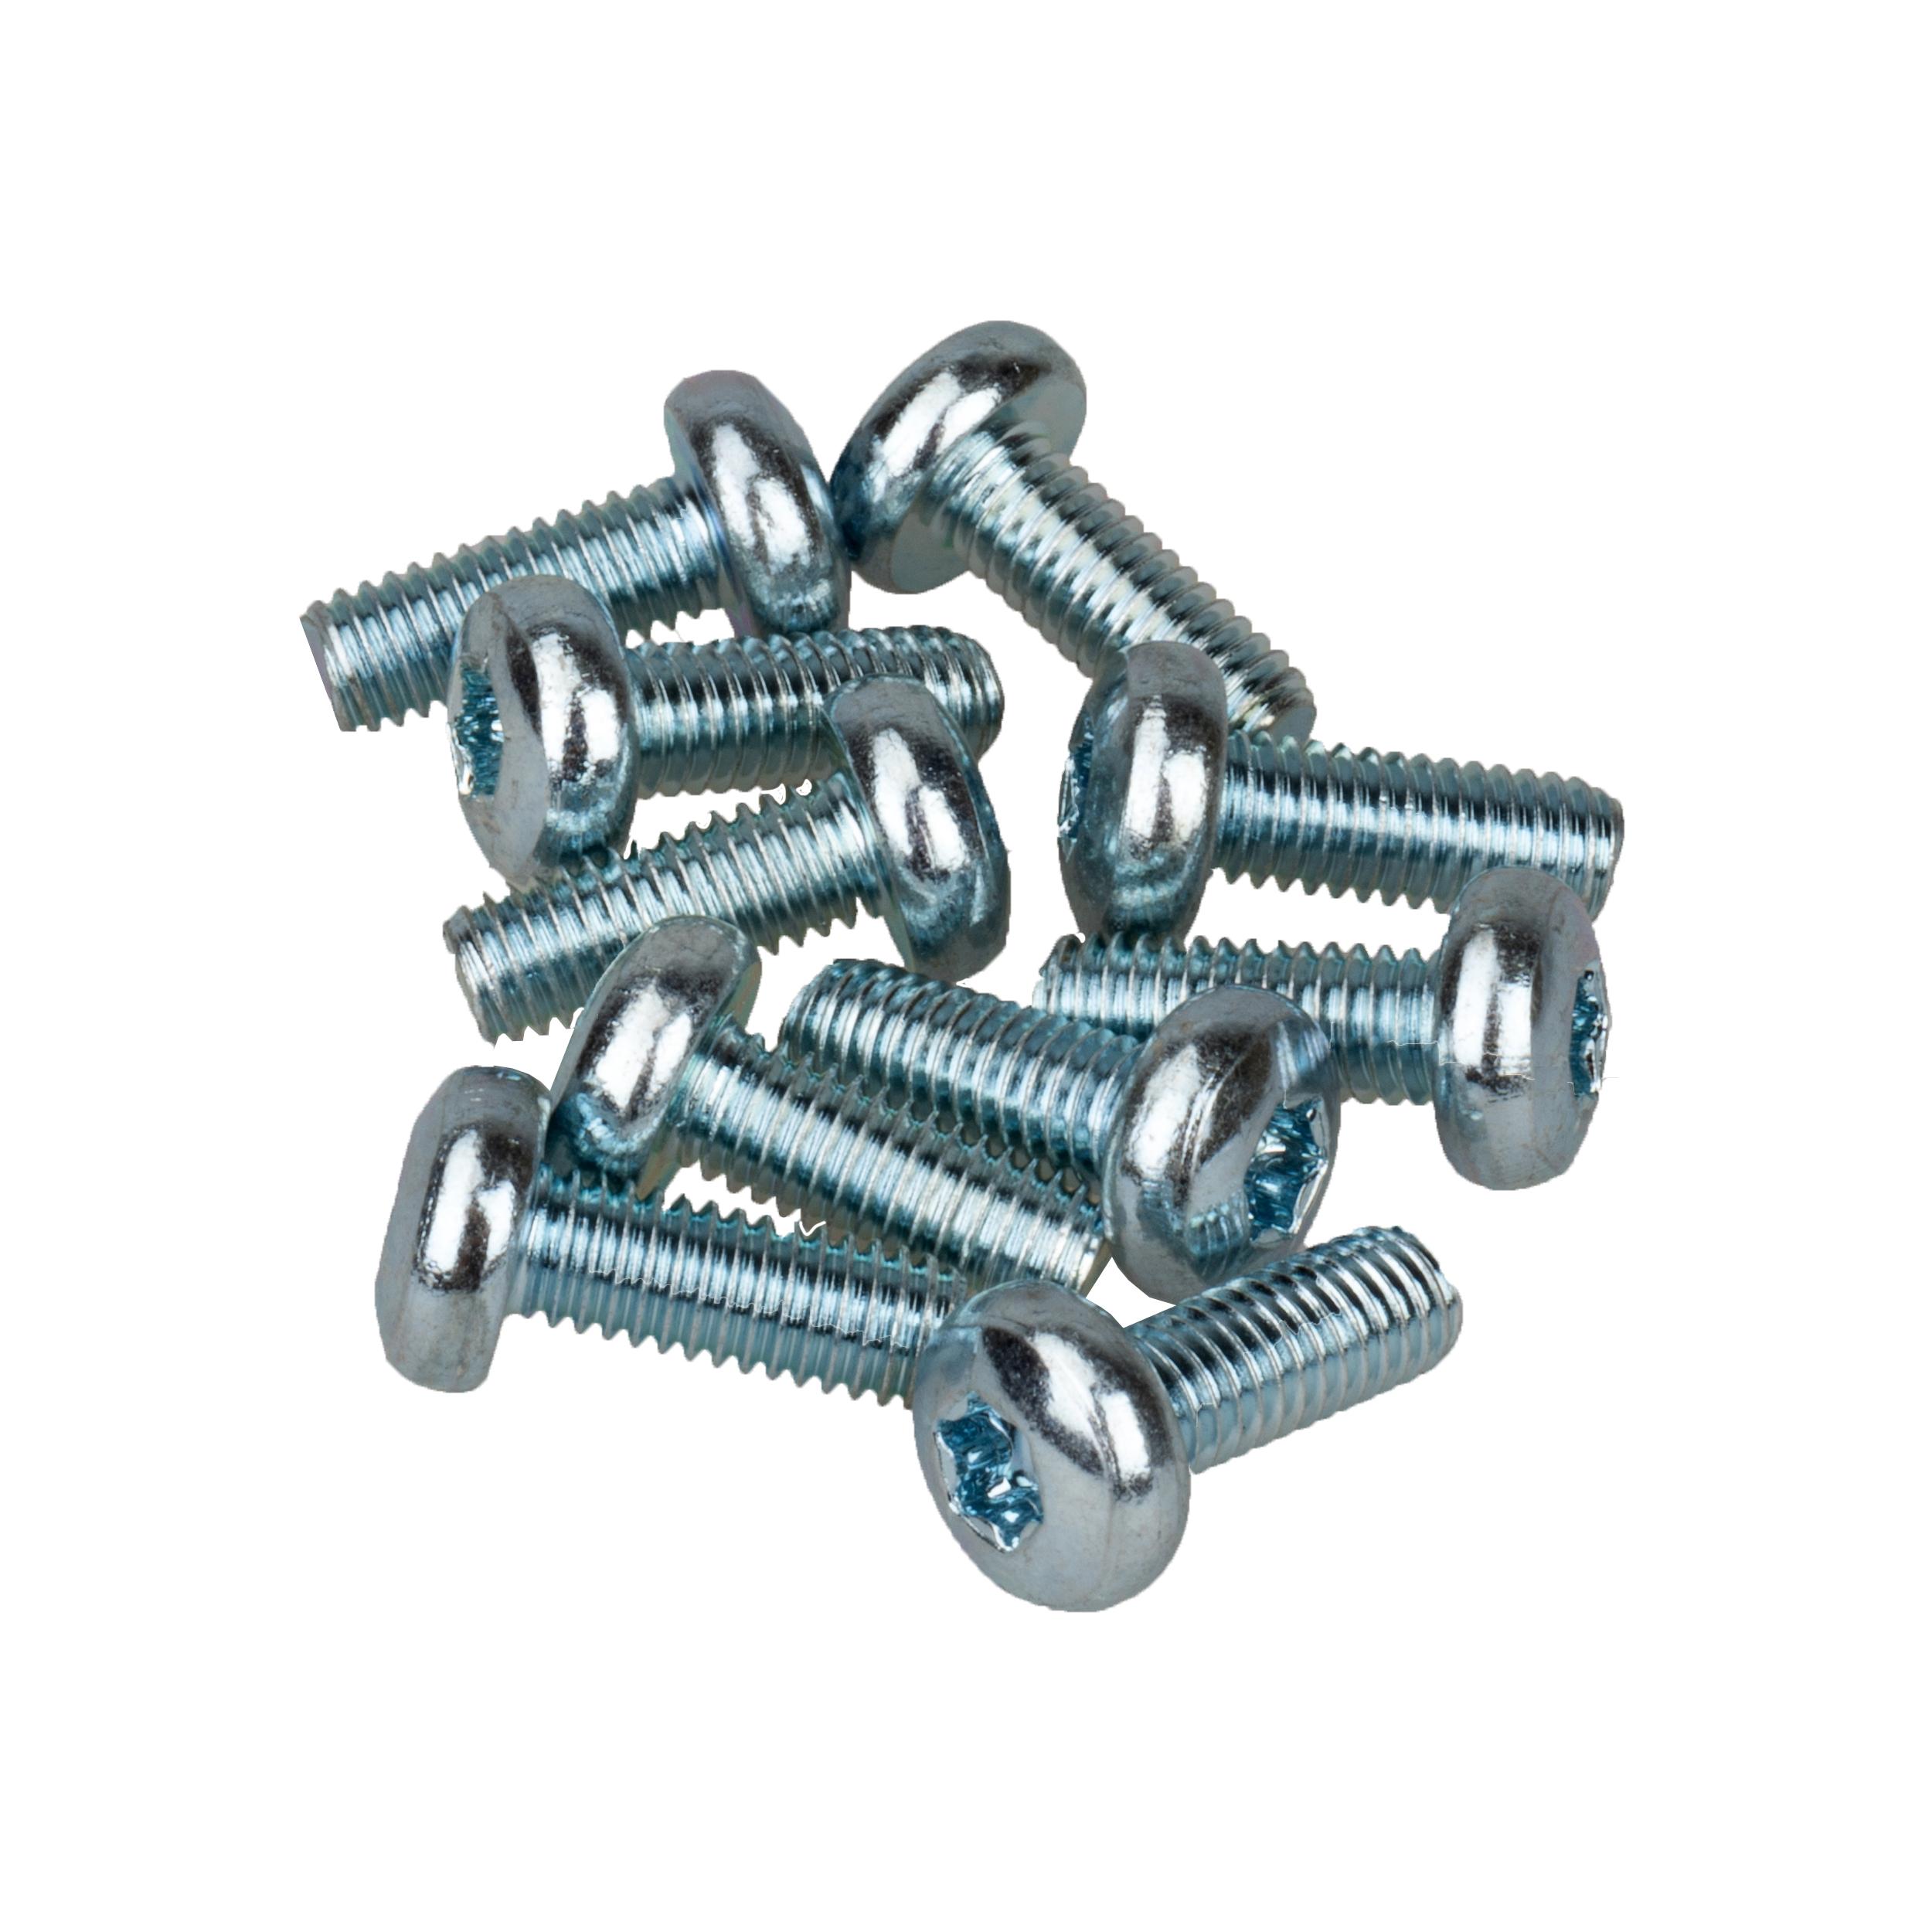 1 VE Linsenkopfschrauben M6x16mm nach ISO 7380 (VE=10 Stk.) ACCNK006--